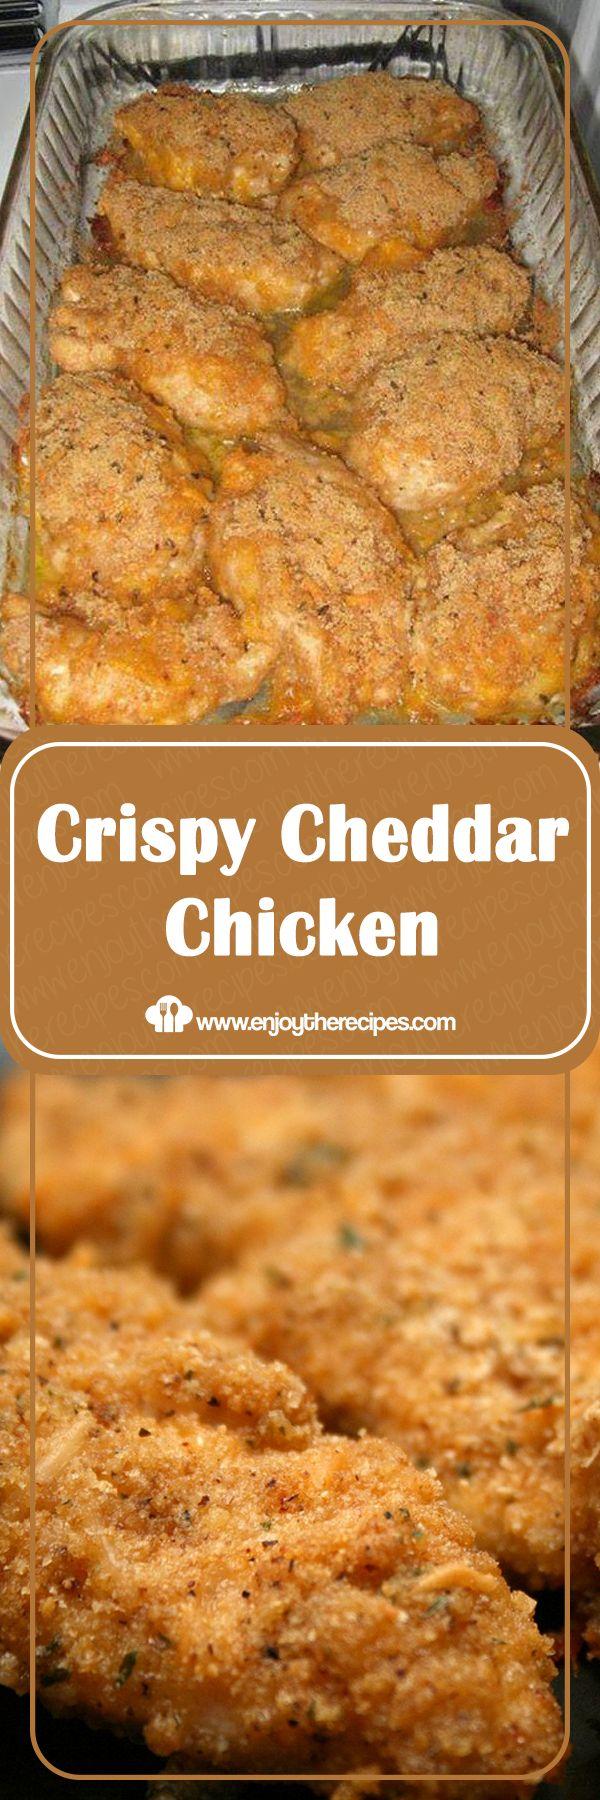 Crispy Cheddar Chicken – Enjoy The Recipes #crispycheddarchicken Crispy Cheddar …